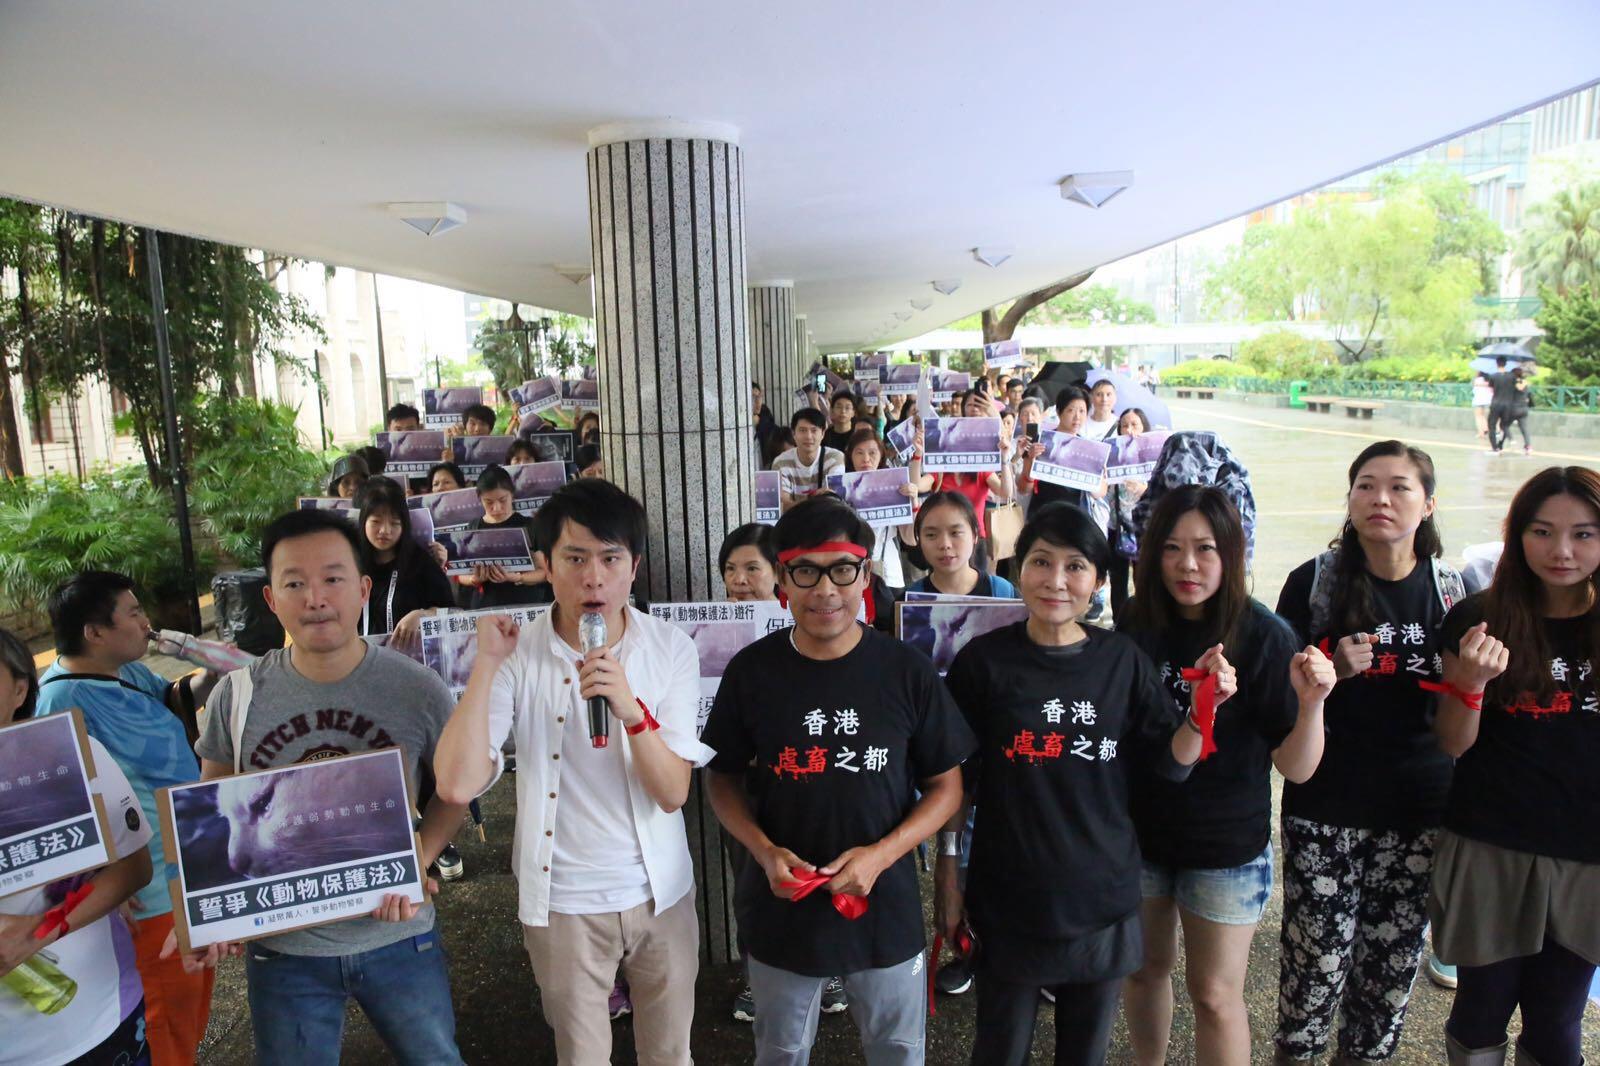 200人無懼風雨為動物發聲 爭取設立動物保護法及動物警察 | 香港動物報 Hong Kong Animal Post